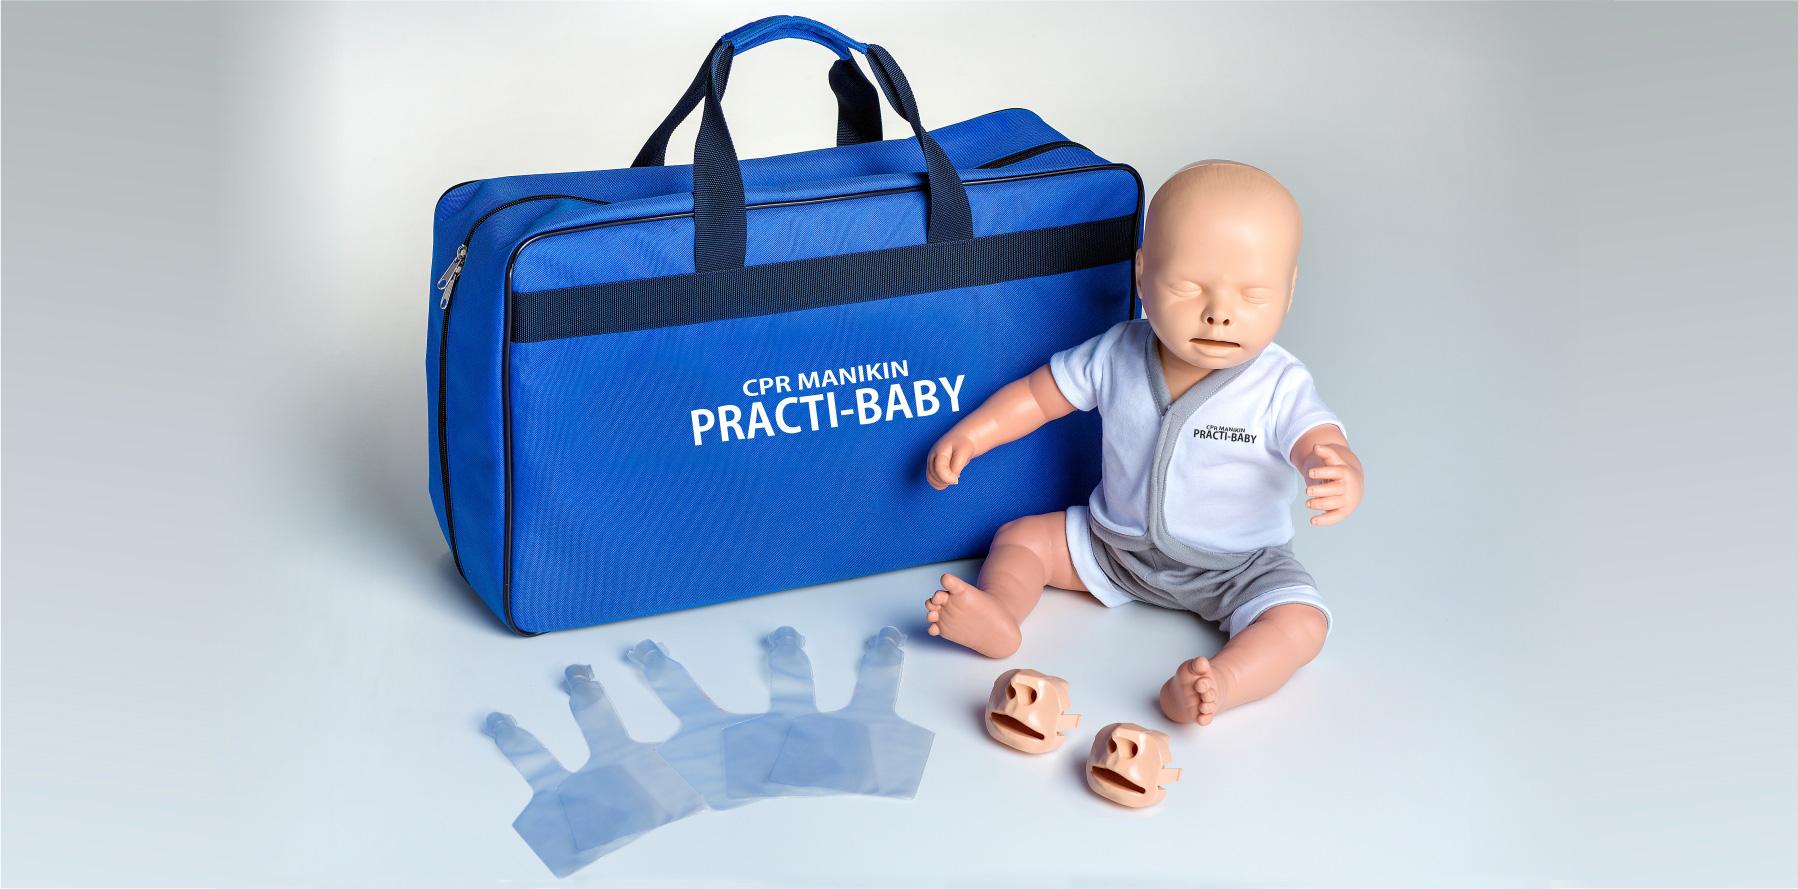 Notfallretter.de® HLW Baby Puppe 2in1 für Trainingszwecke